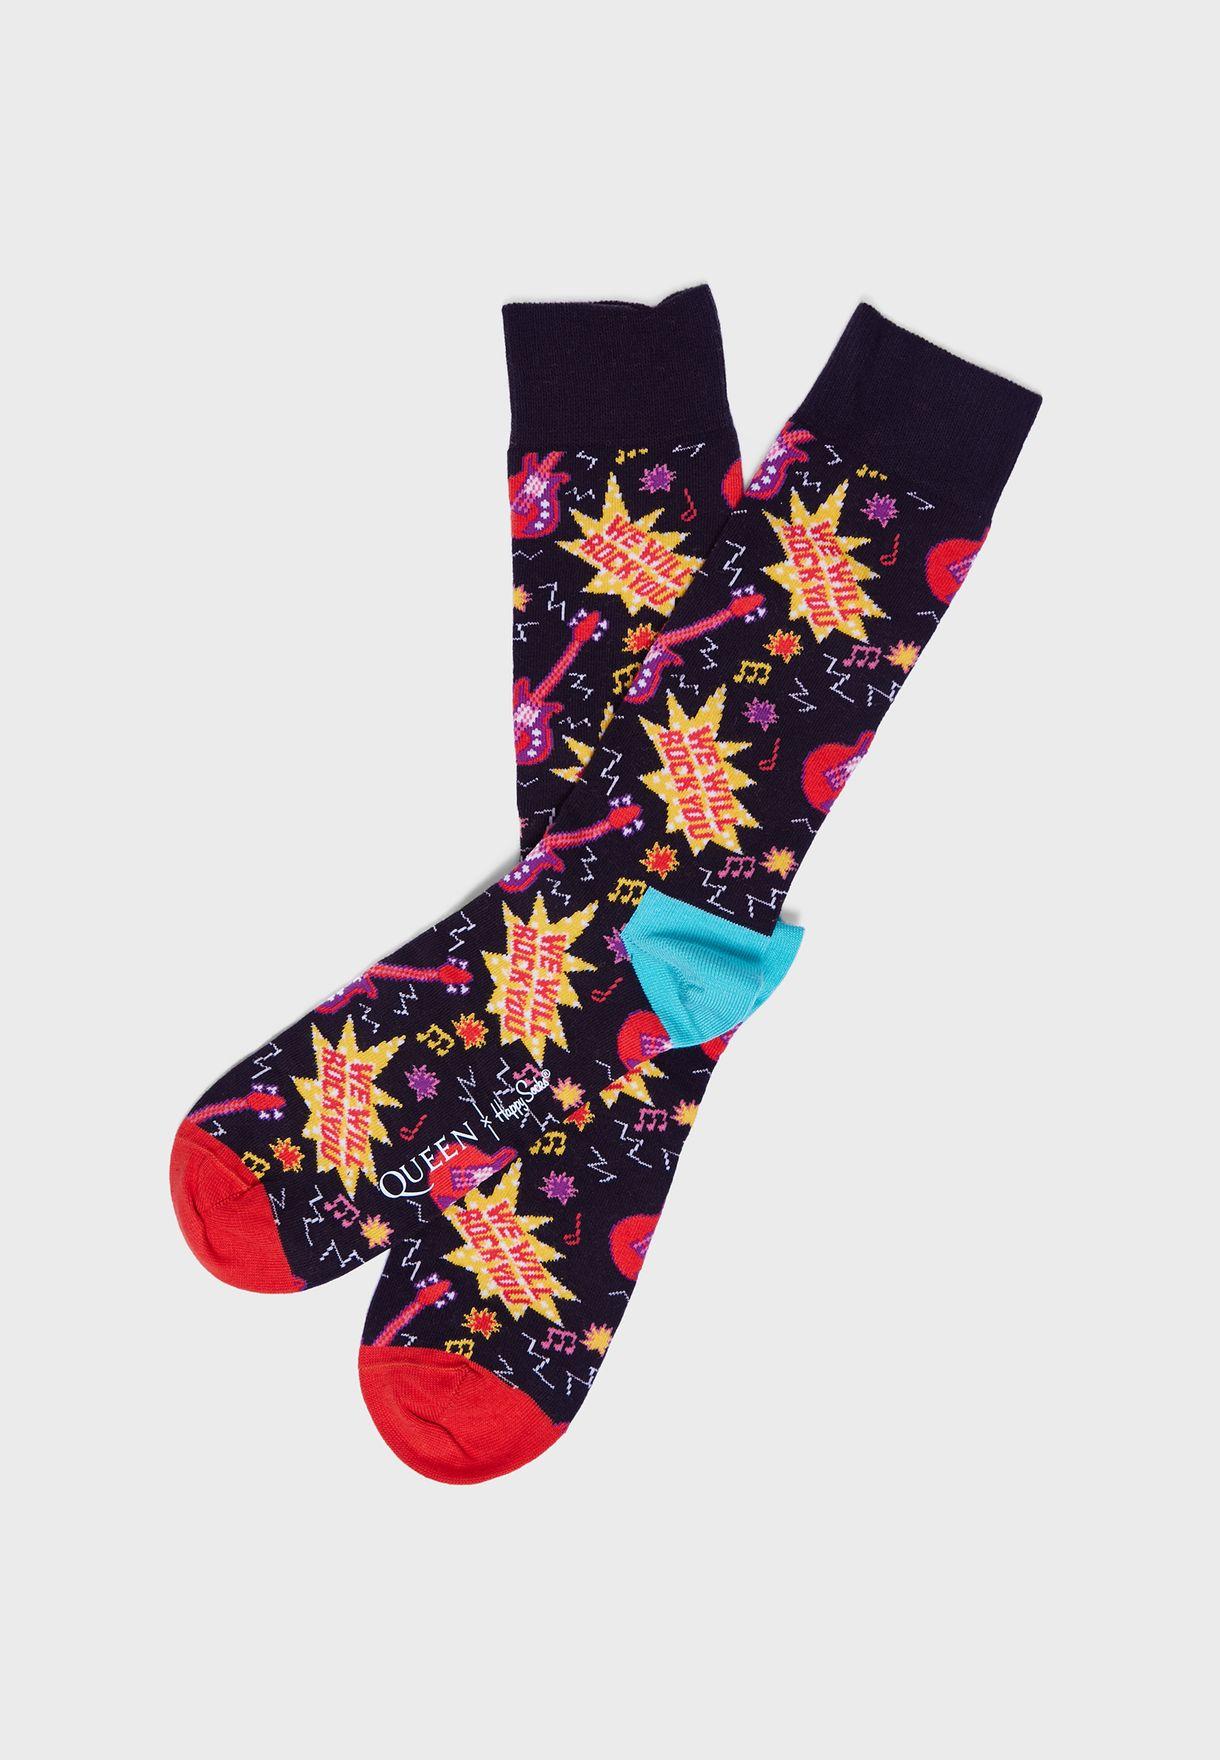 4 Pack Queen Crew Socks